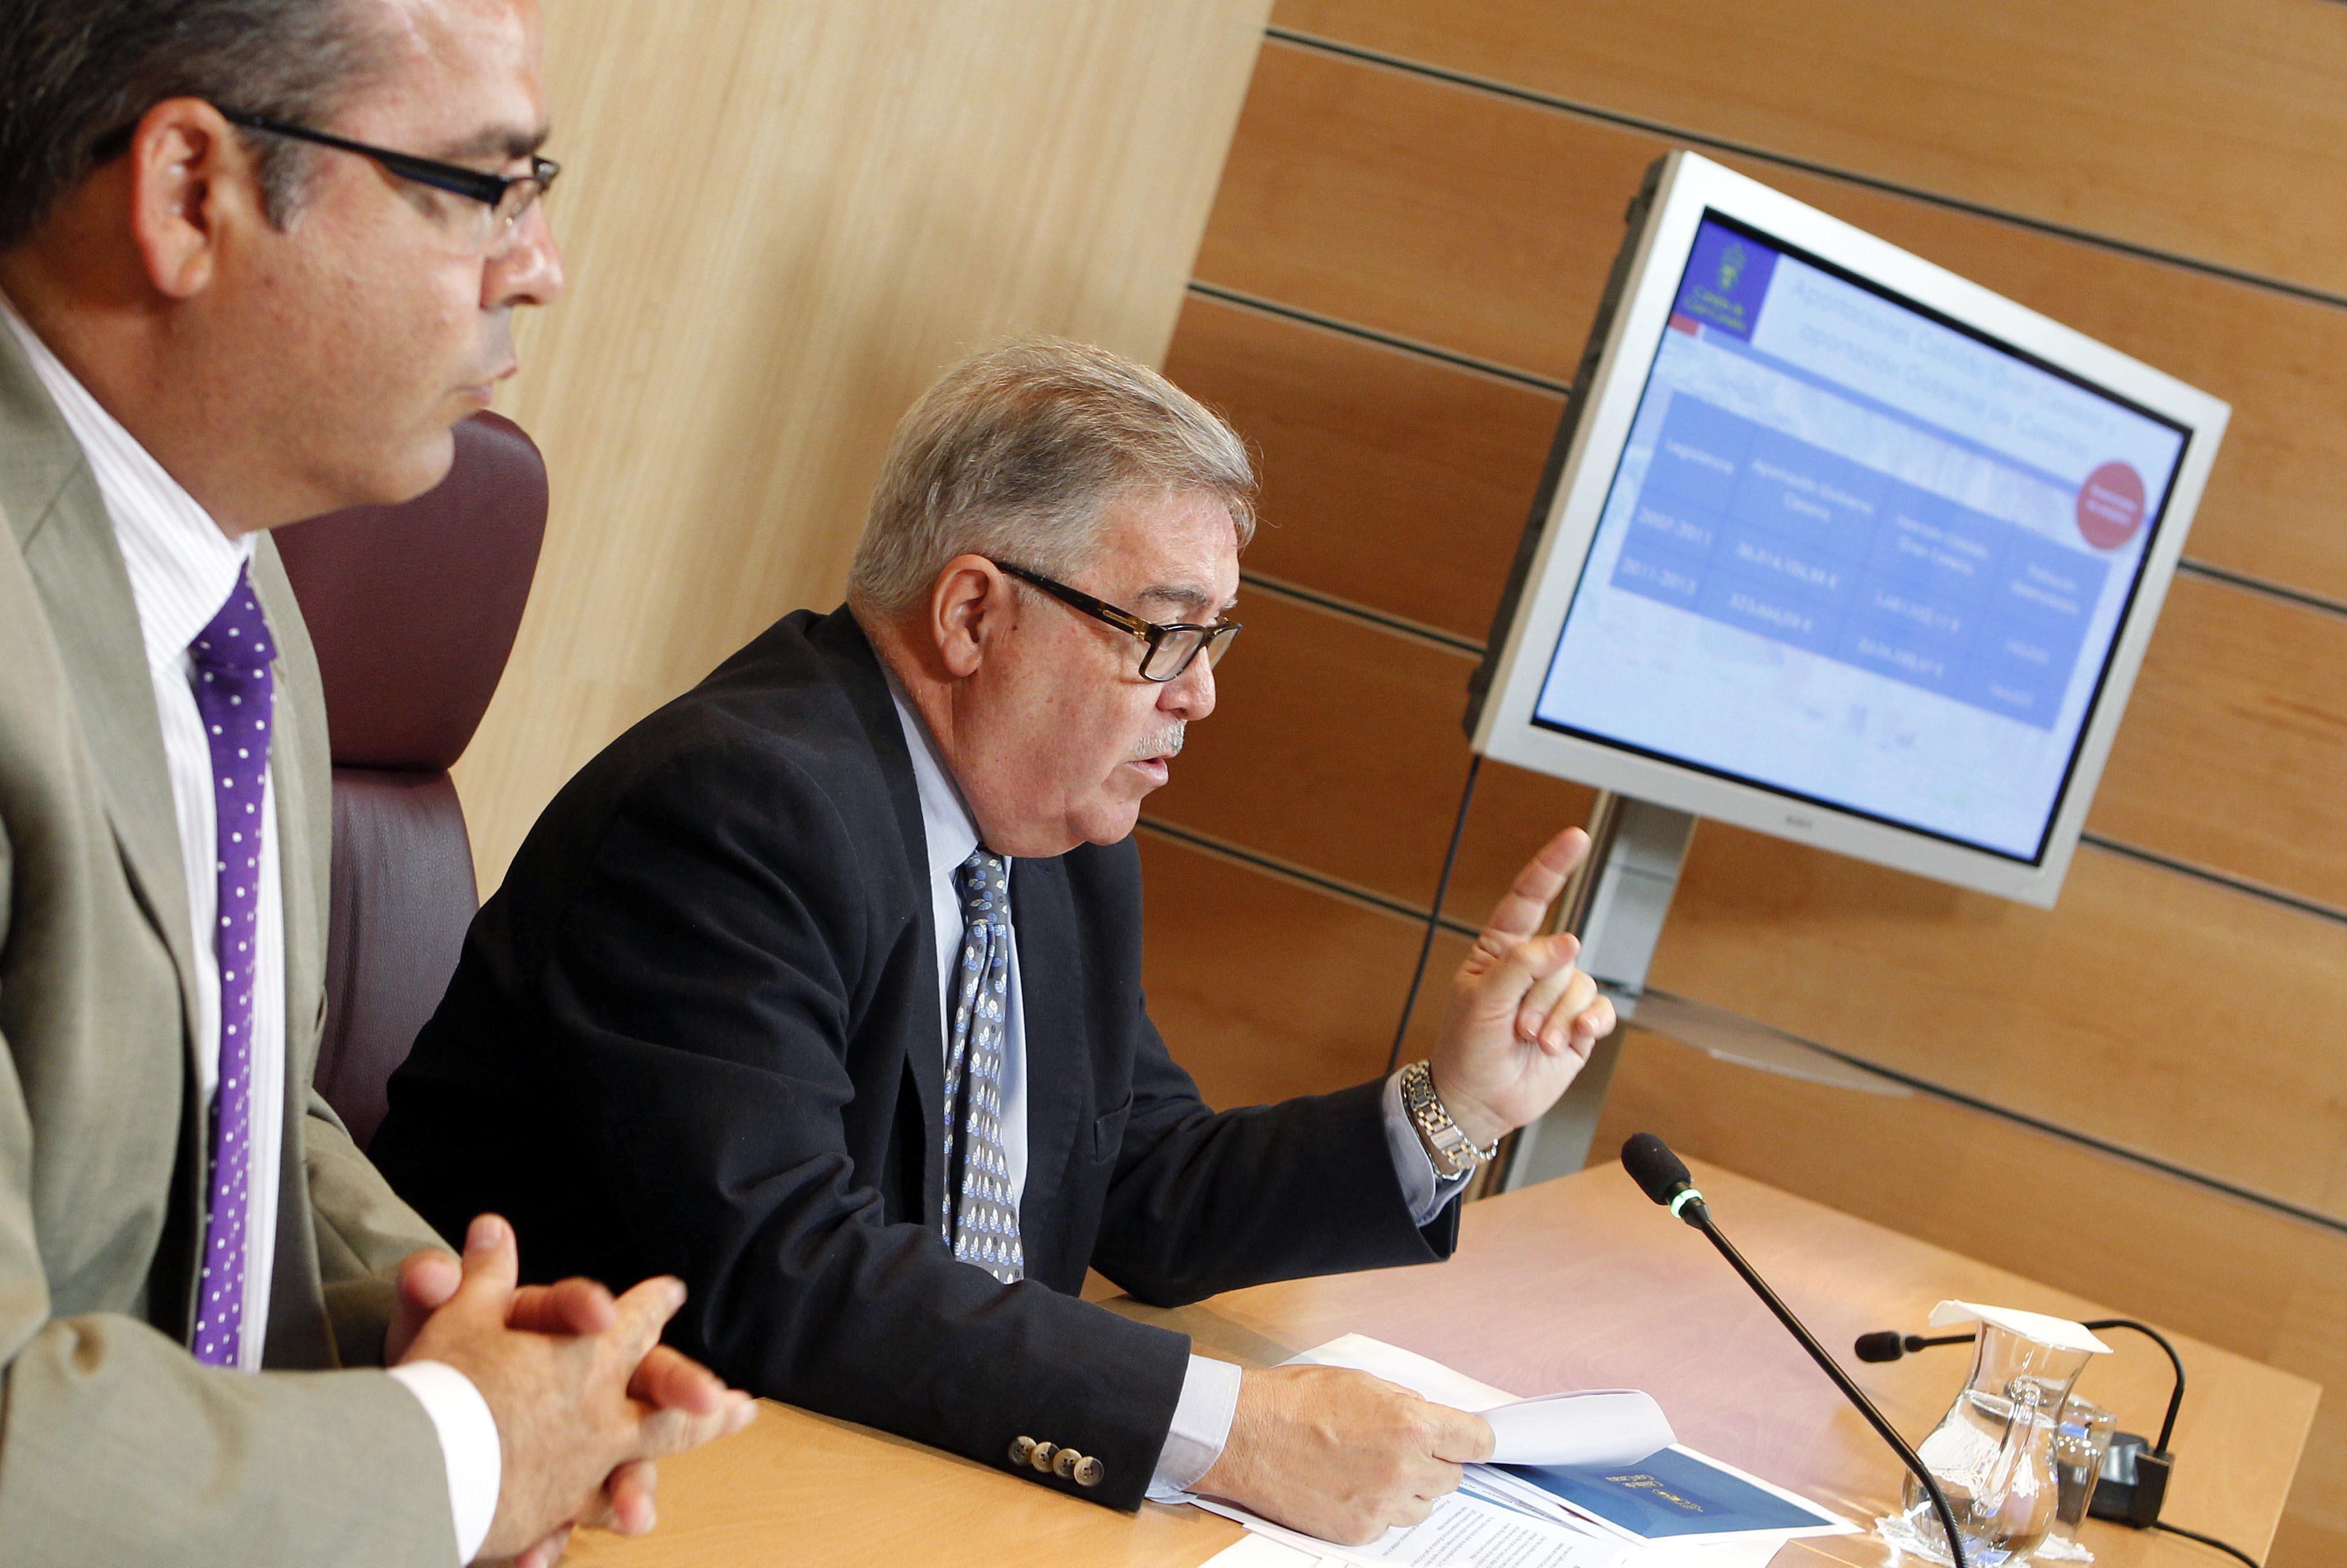 El Cabildo de Gran Canaria propone la reducción de diputados nacionales y autonómicos